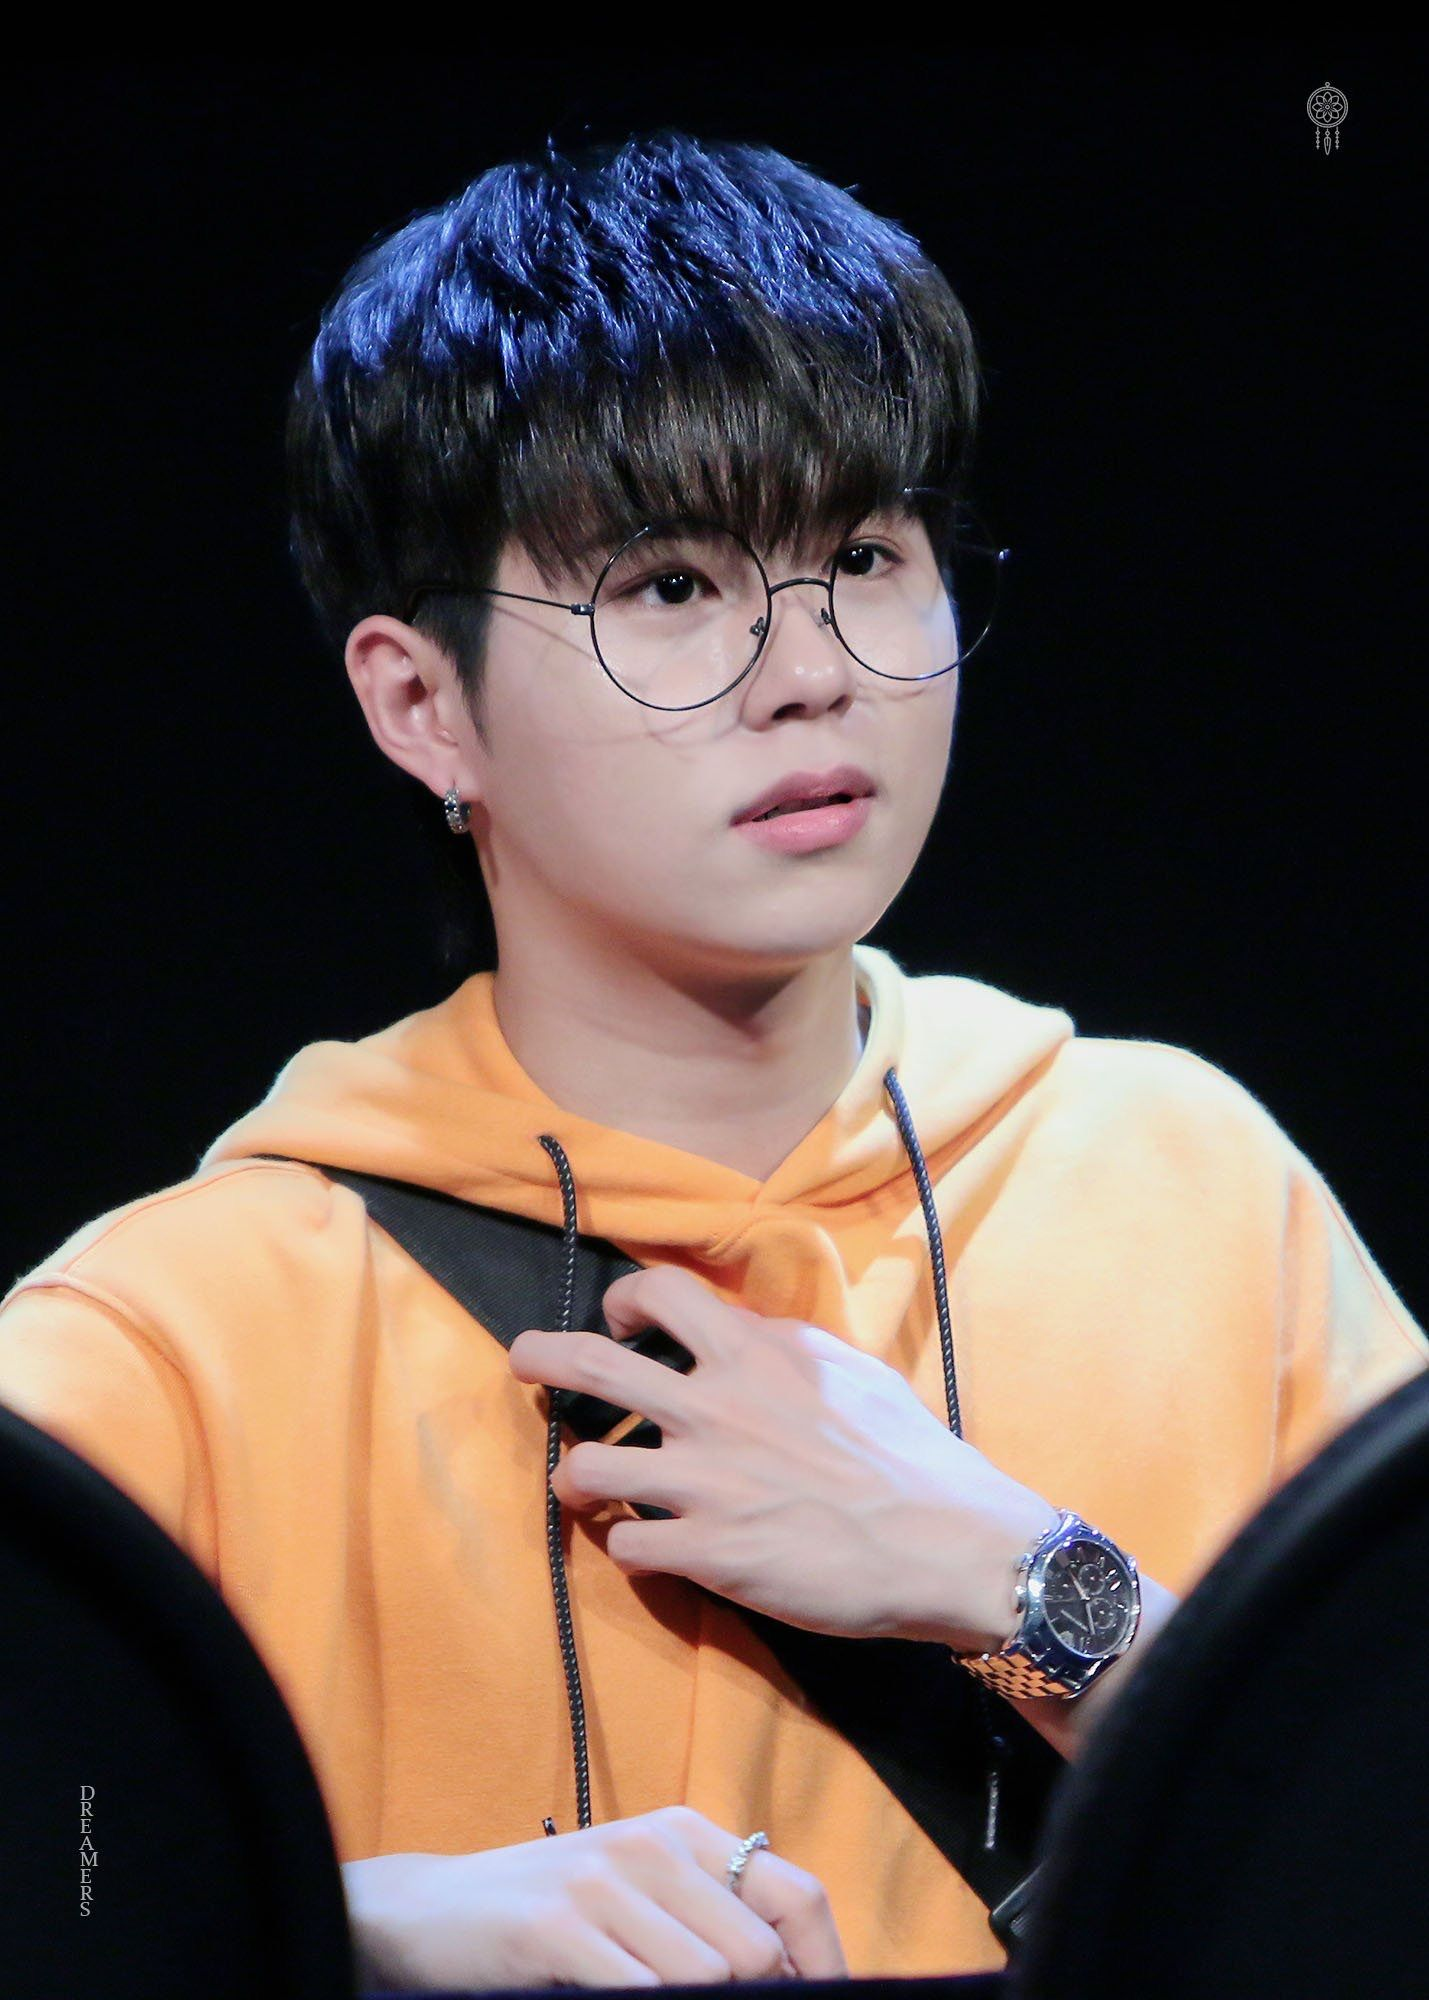 In2it Jiahn Boy Groups Kpop Idol Vocalist